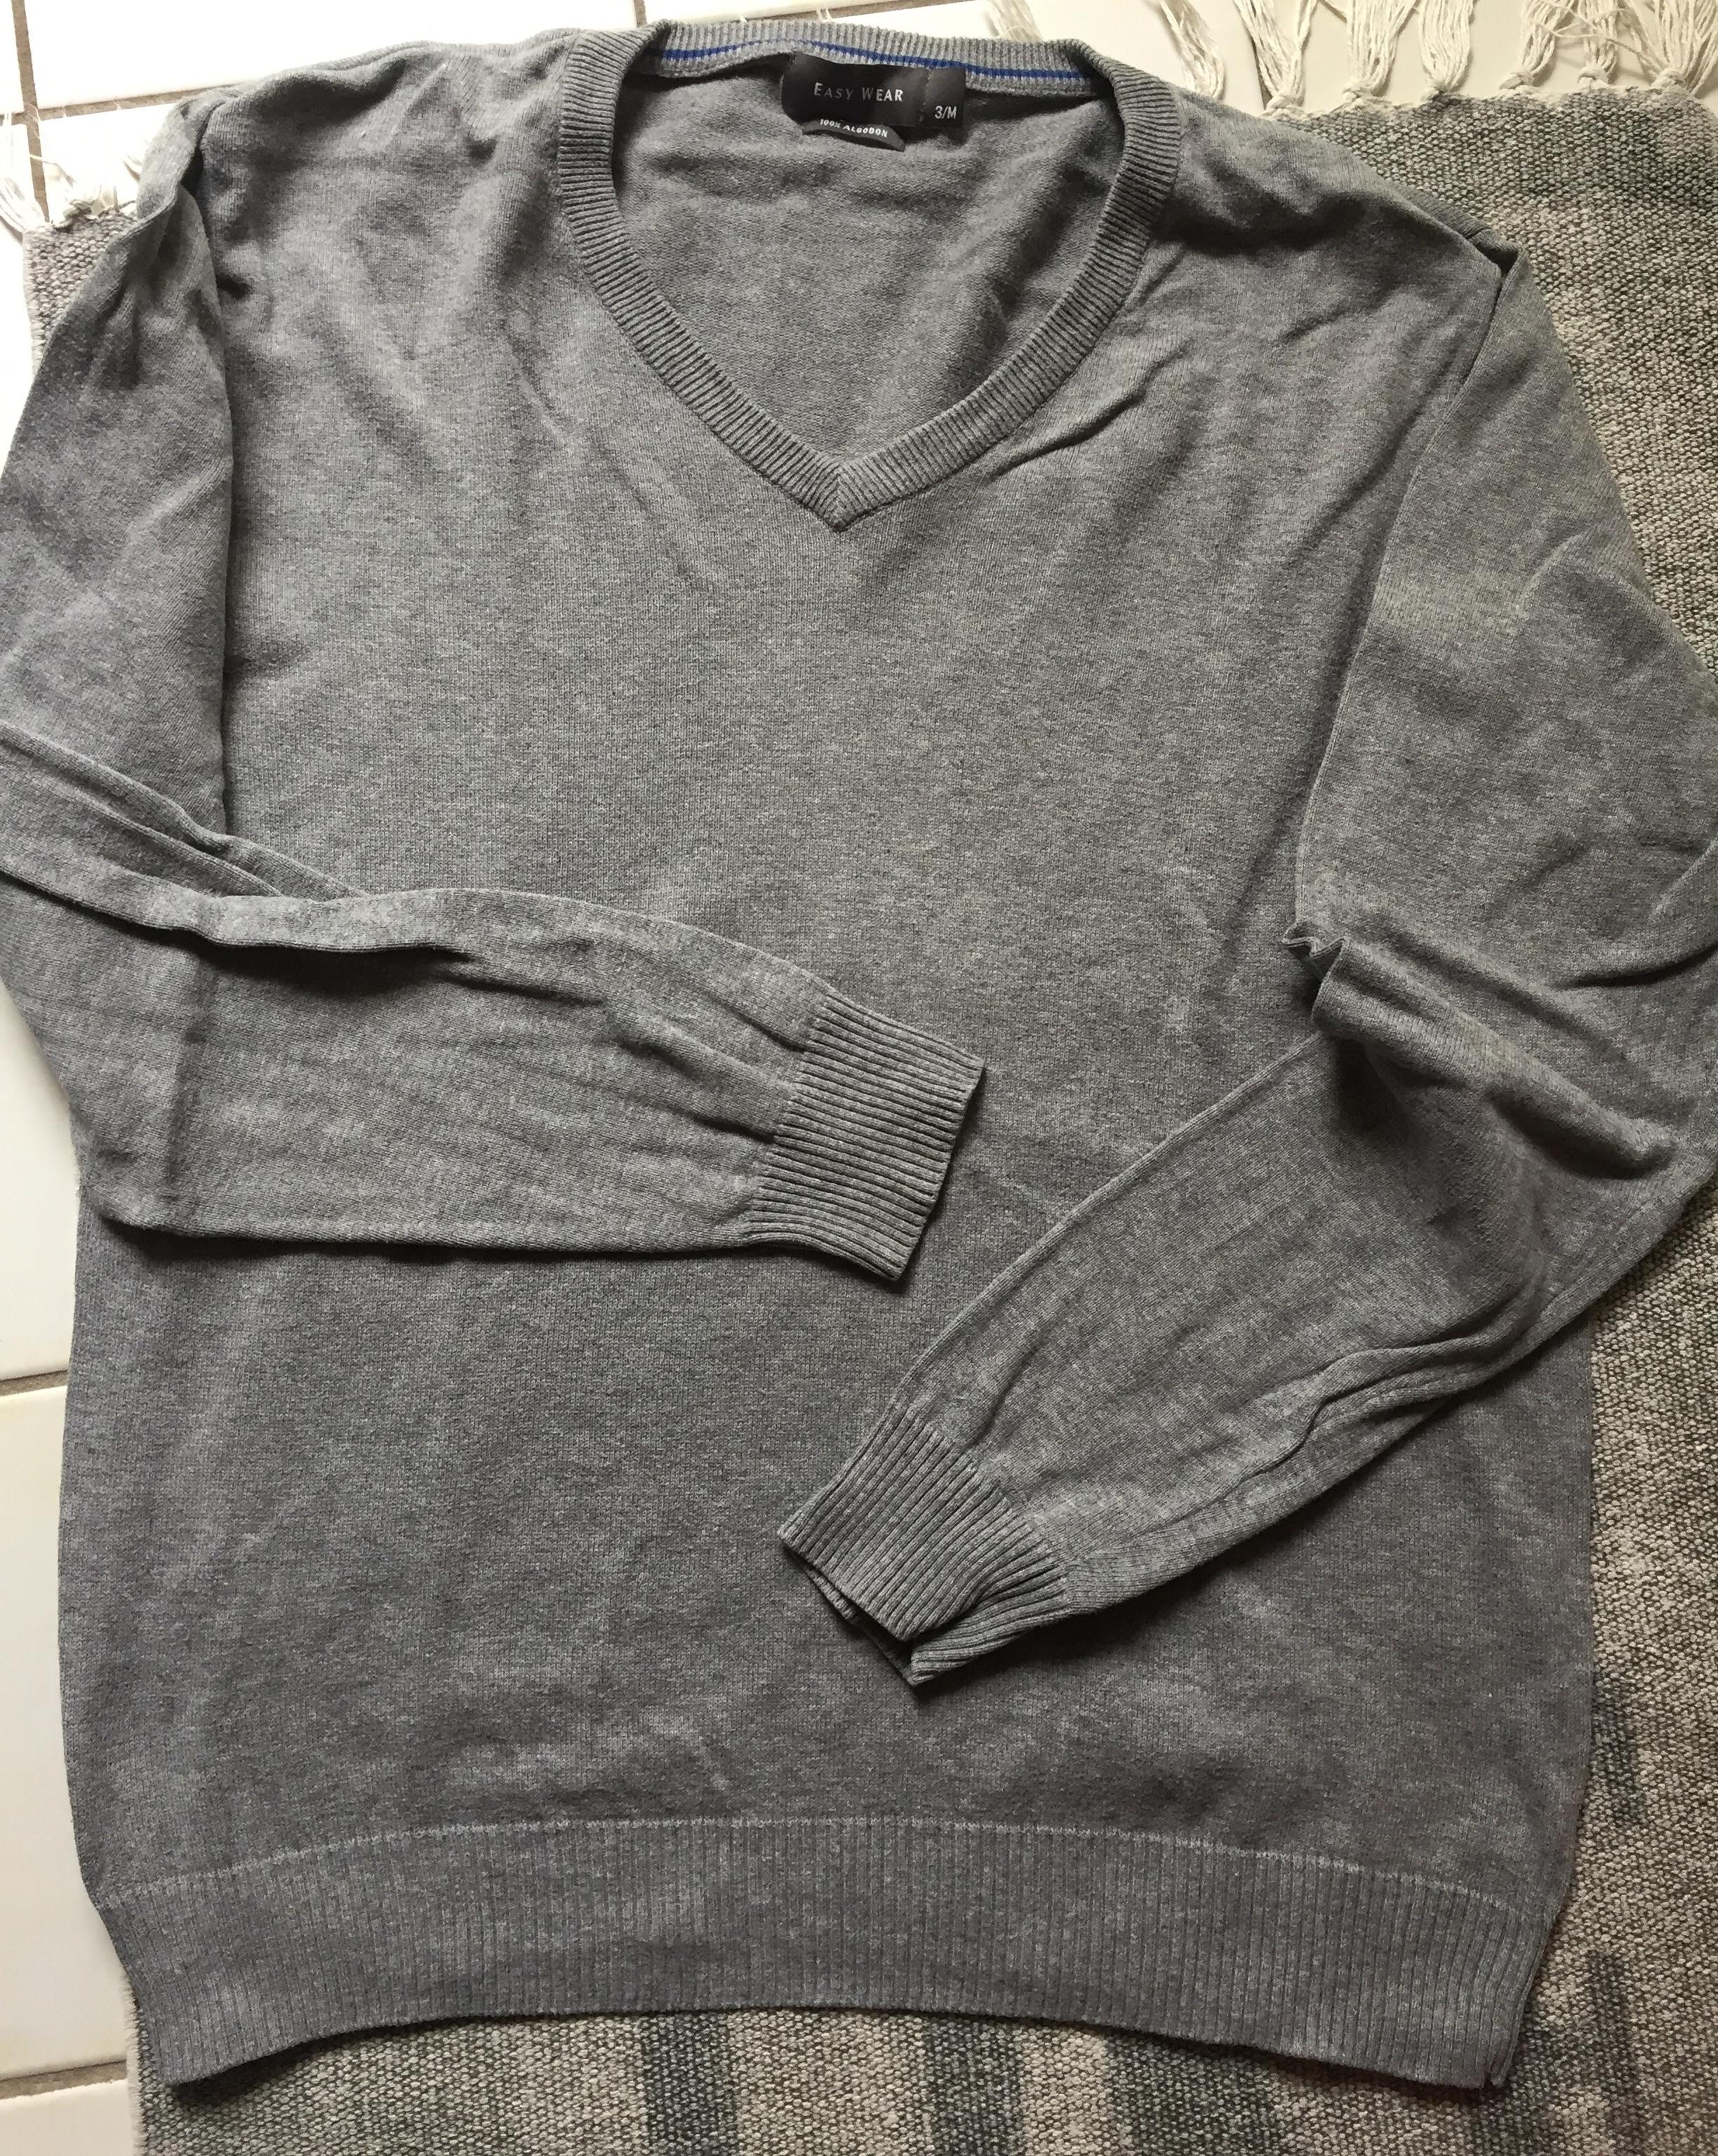 Grauer Pullover tauschen